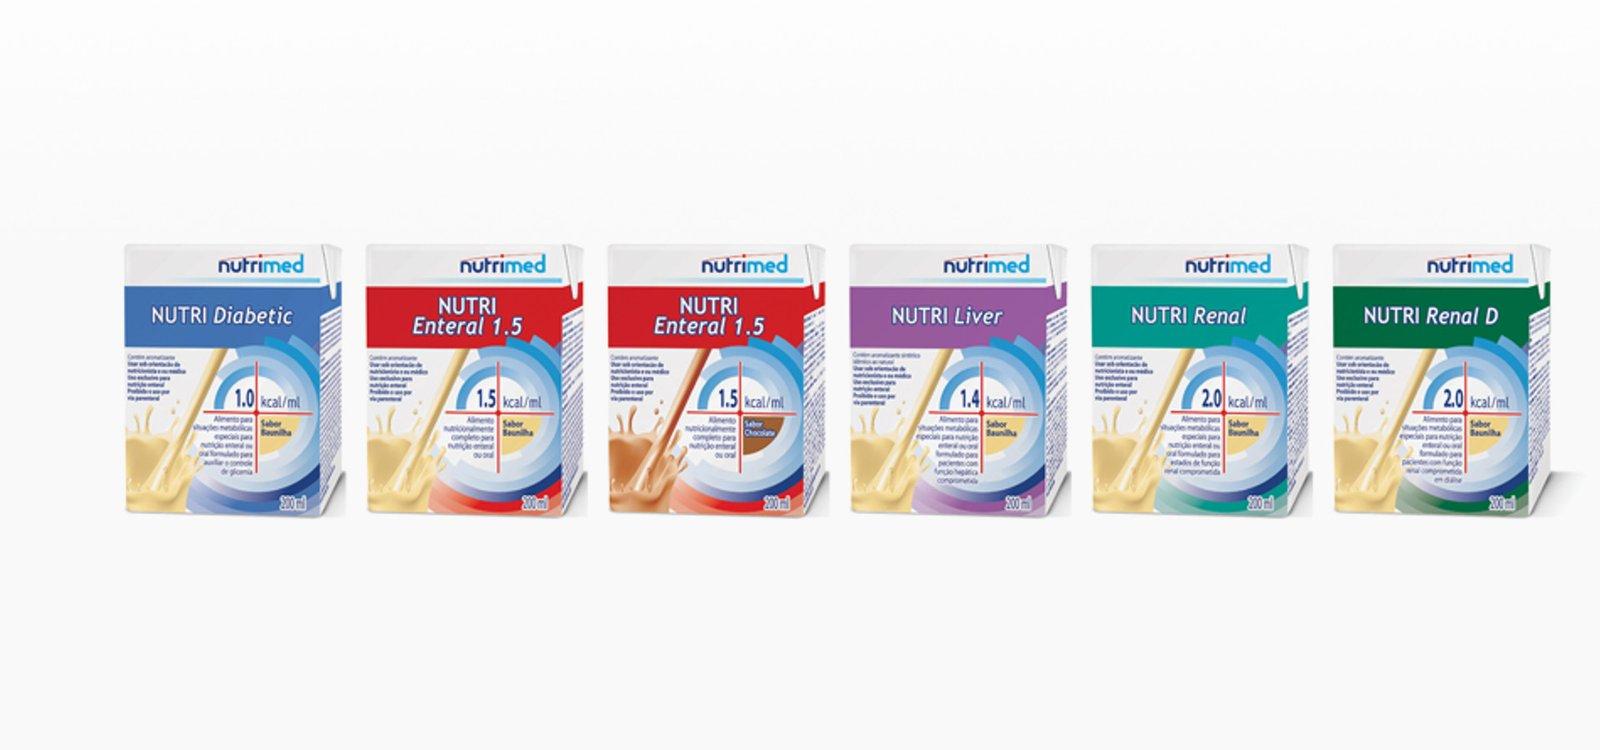 nutrimed-tetra-2-1